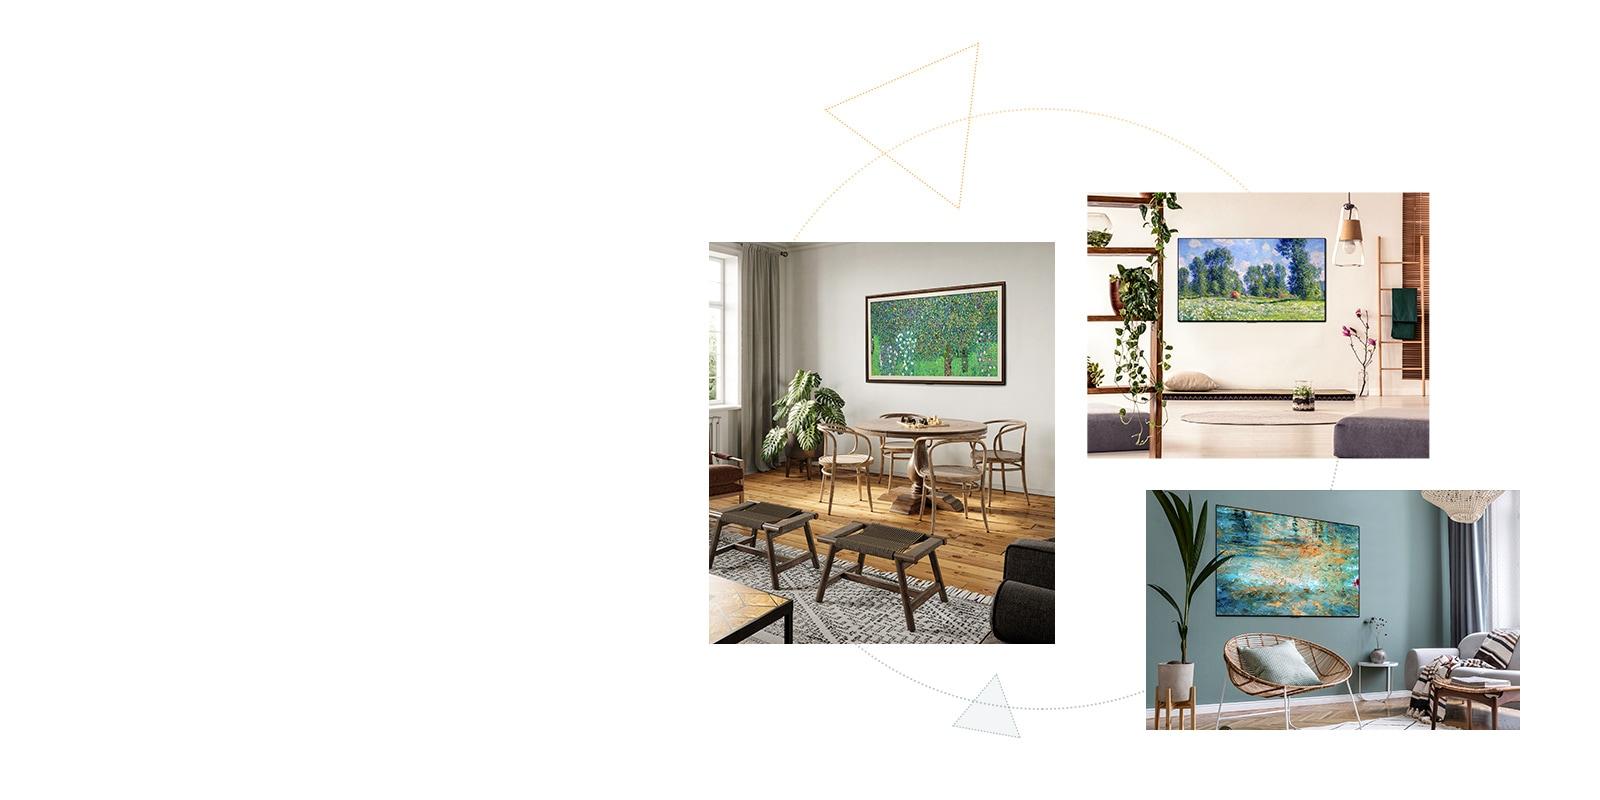 Drie Gallery Design tv's met een standaard die overal als kunstwerken werken